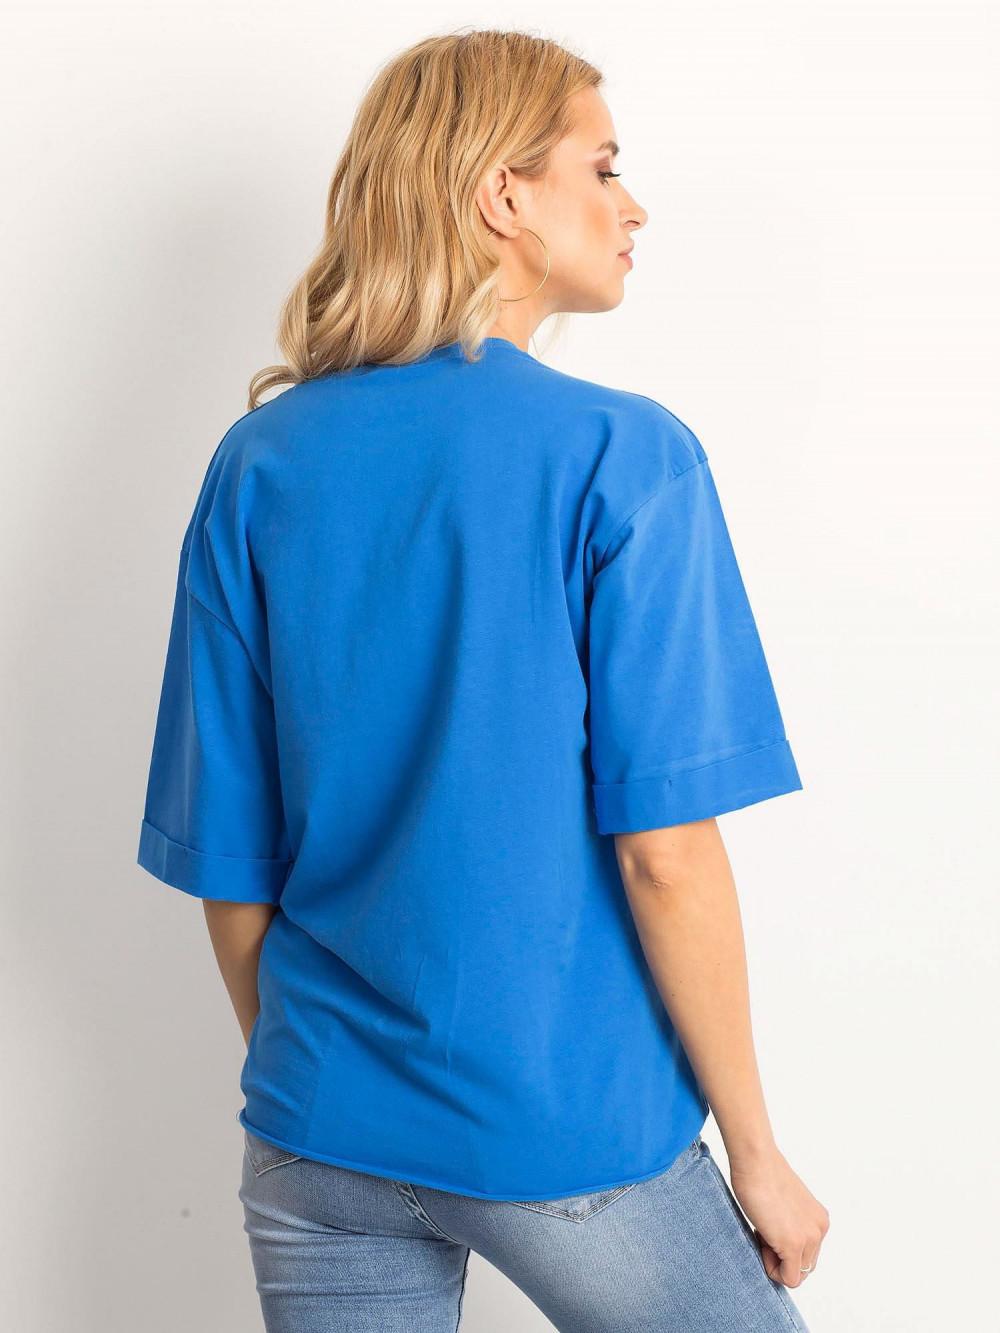 Ciemnoniebieski oversizeowy t-shirt Gimmie 4